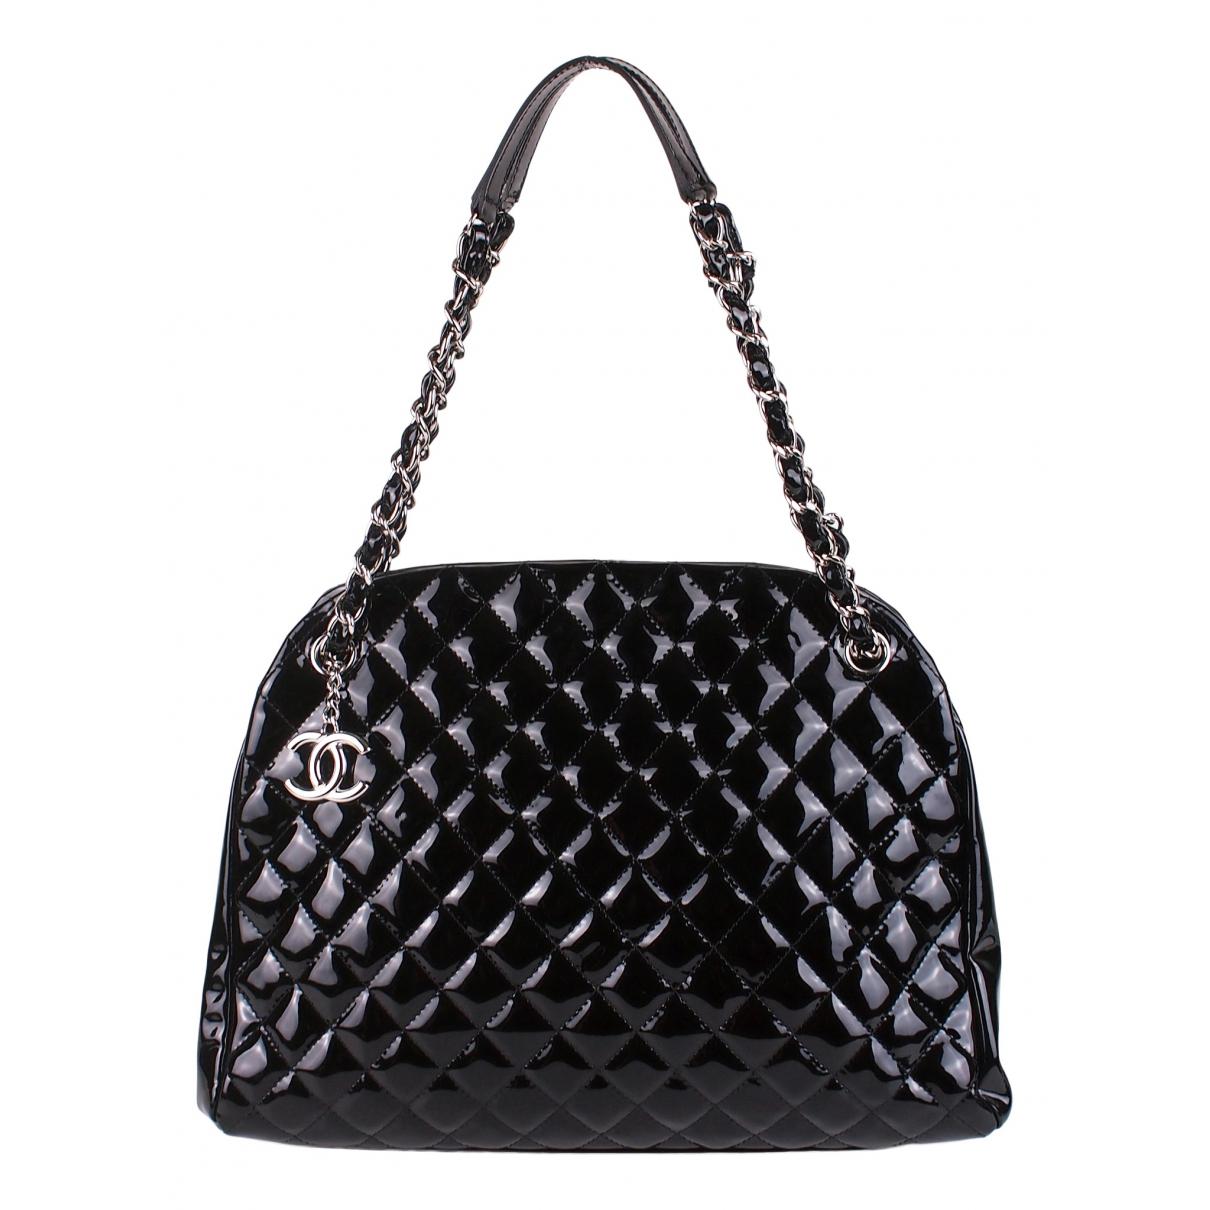 Chanel Mademoiselle Handtasche in  Schwarz Lackleder